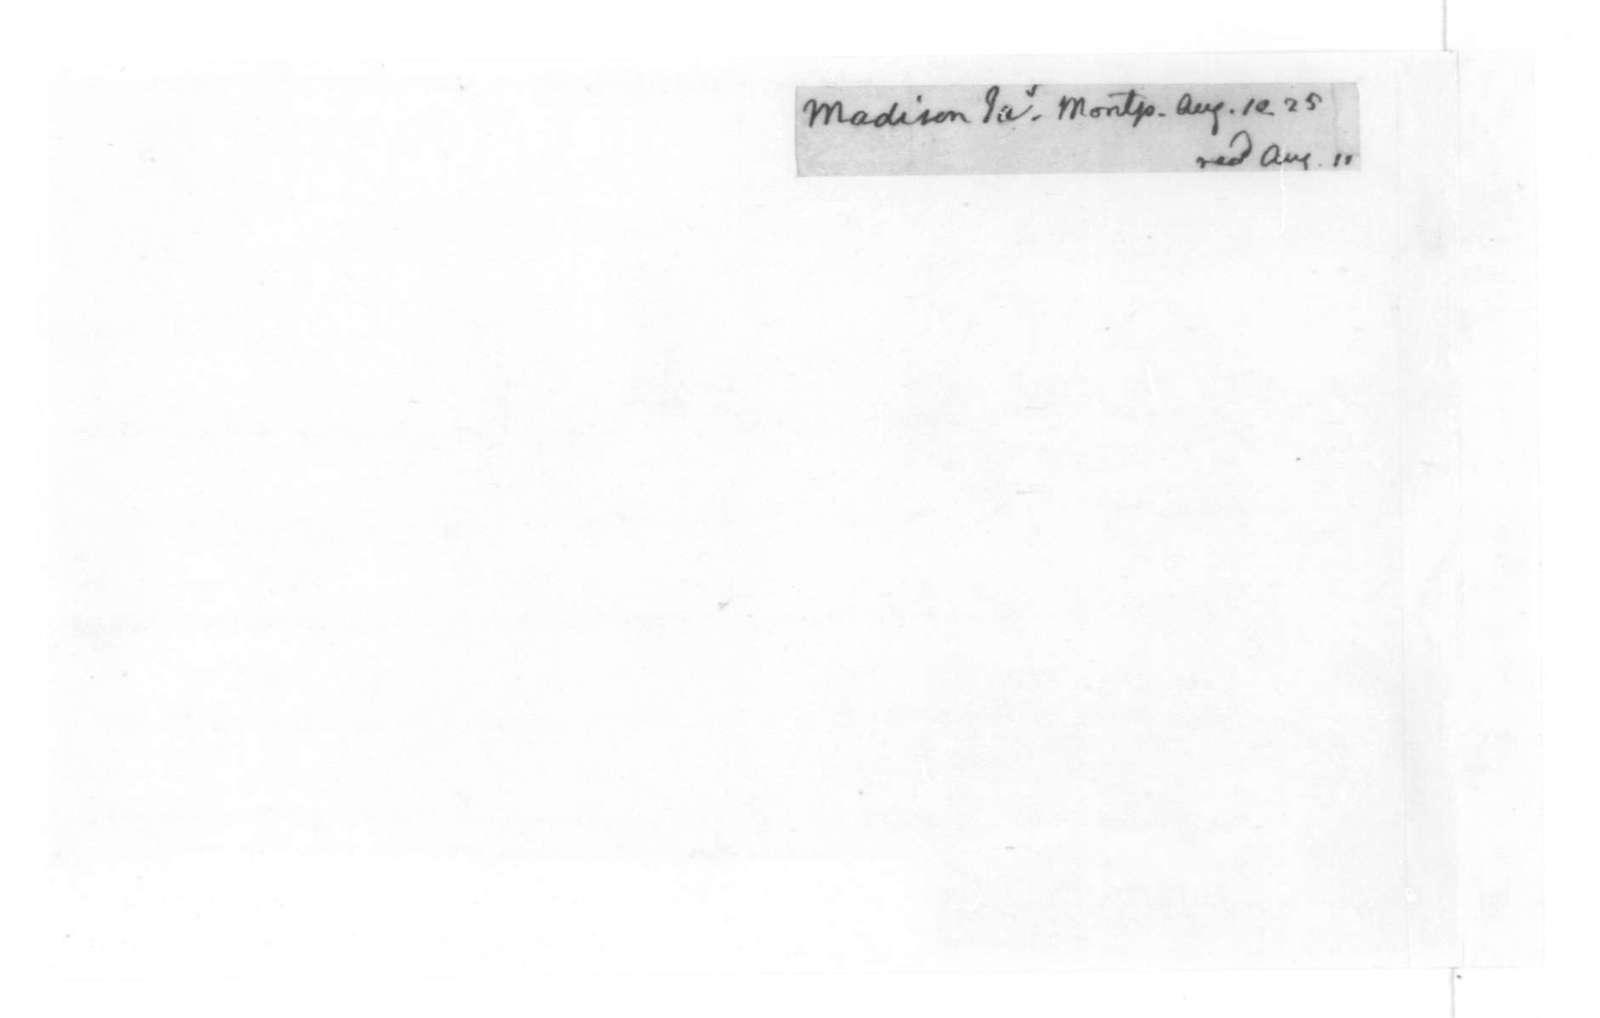 James Madison to Thomas Jefferson, August 10, 1825. Fragment.